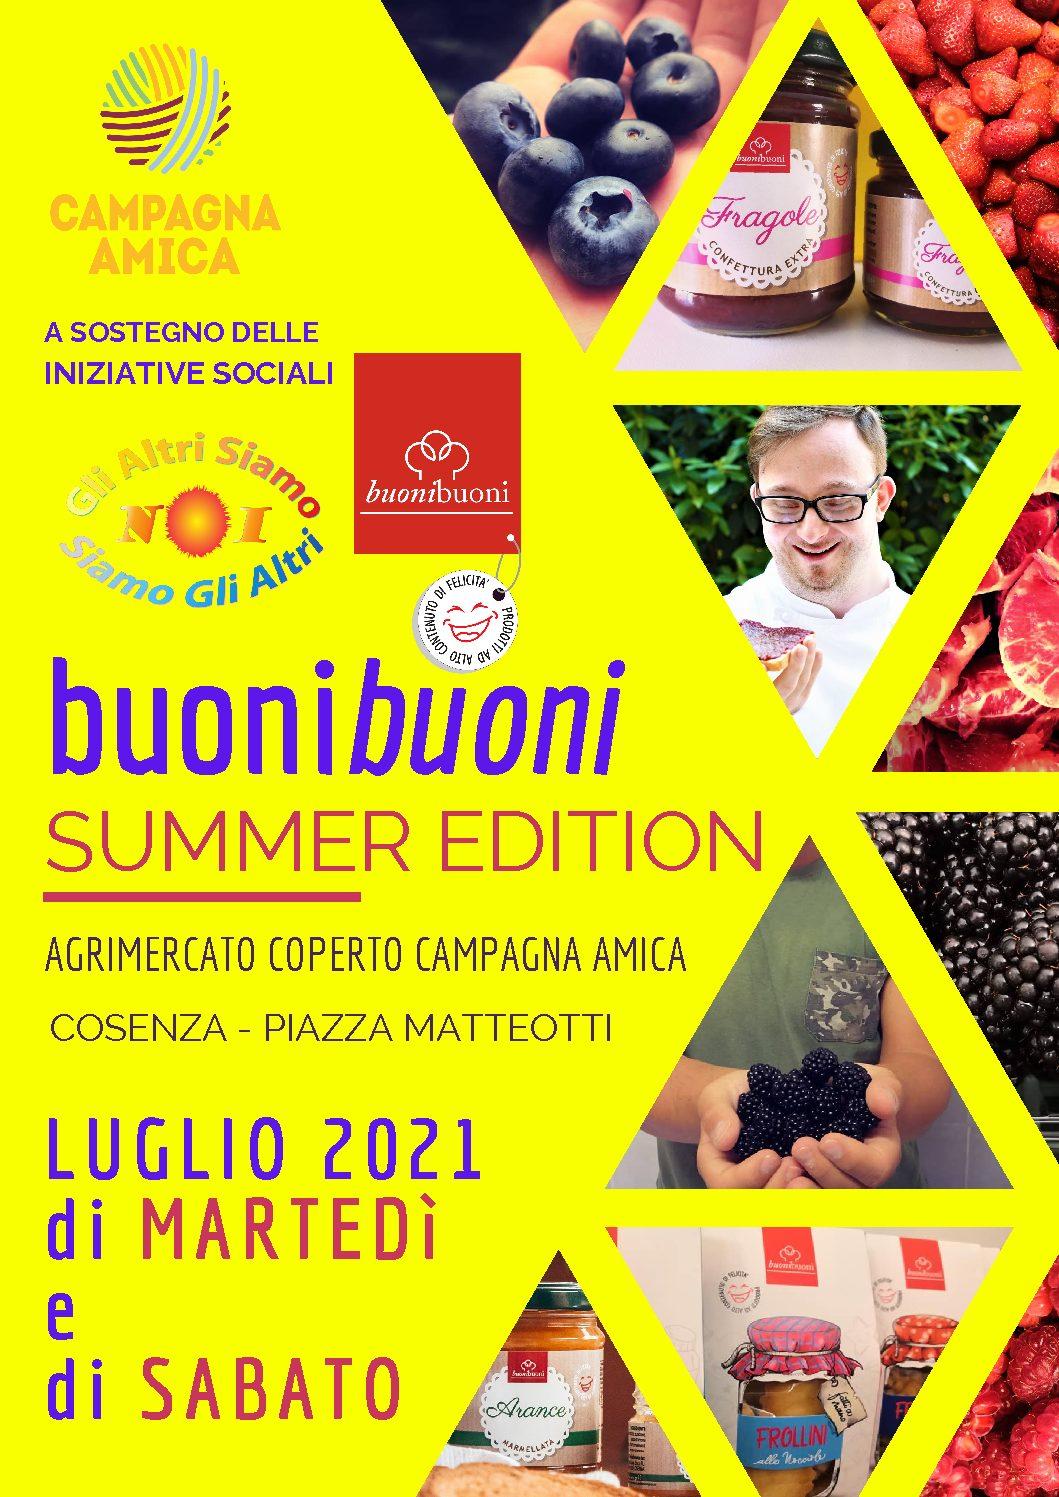 Parte buonibuoni Summer Edition